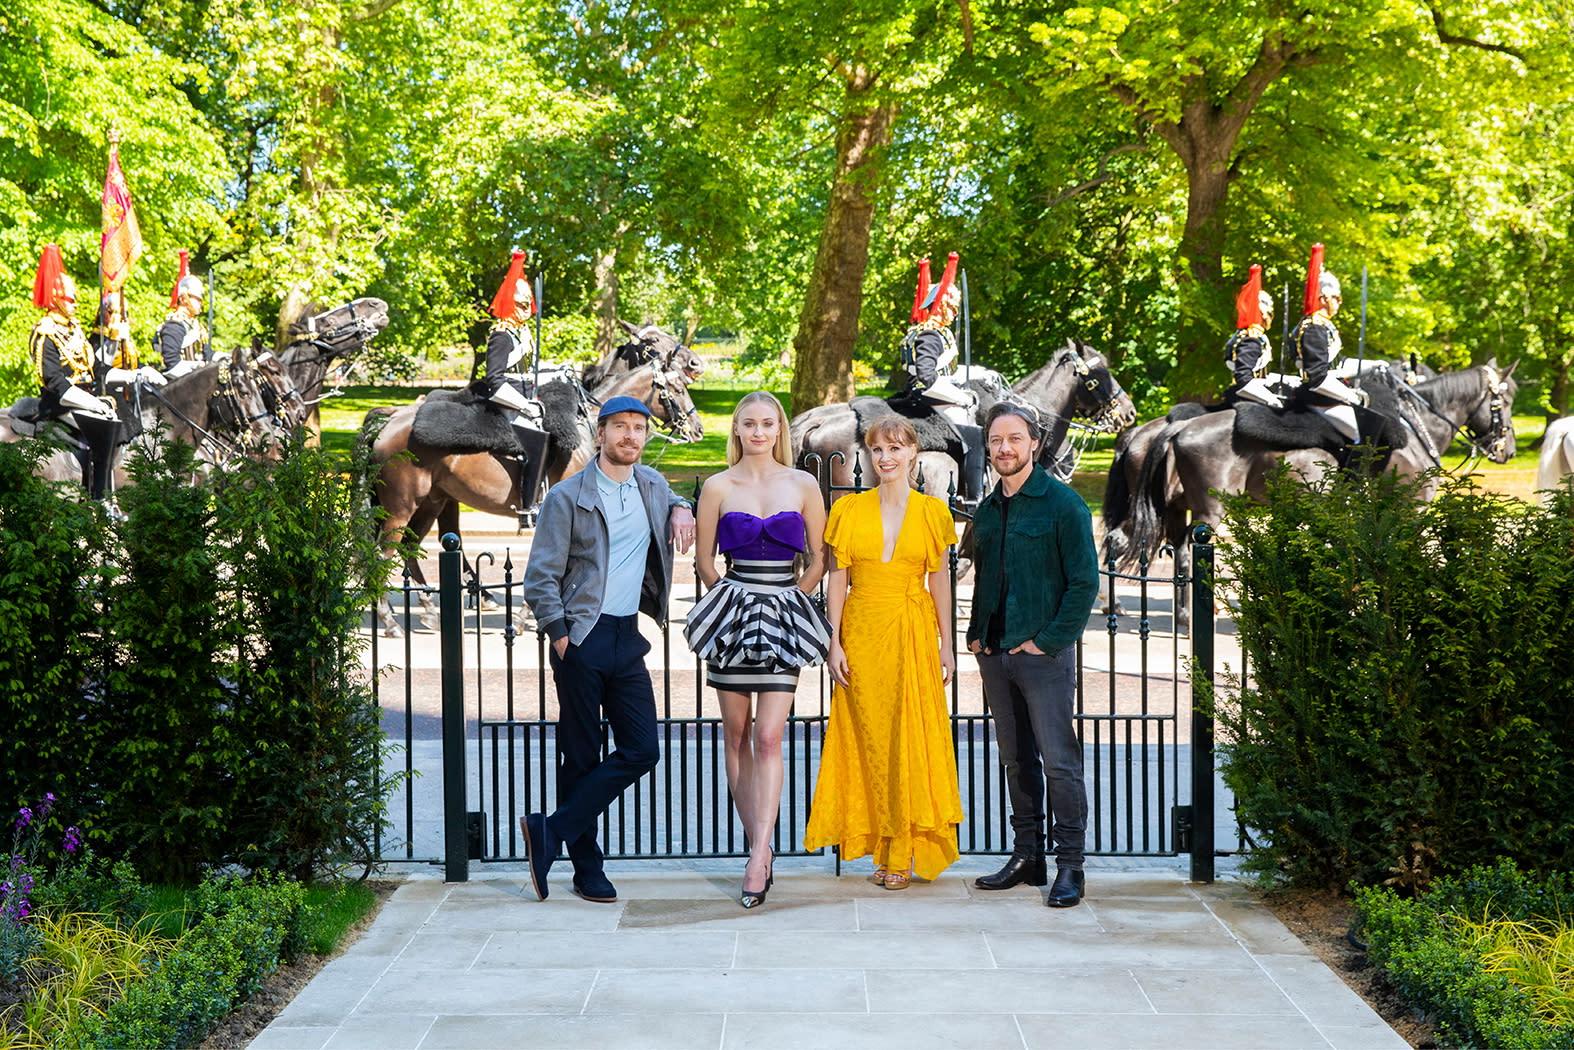 宣傳行程馬不停蹄,蘇菲特納、潔西卡崔絲坦、詹姆斯麥艾維、麥可法斯賓達繼續接力前進倫敦,《X戰警:黑鳳凰》四大巨頭在倫敦集結。眾人在倫敦文華東方酒店的花園之門聚首,背後有騎馬的女王護衛。